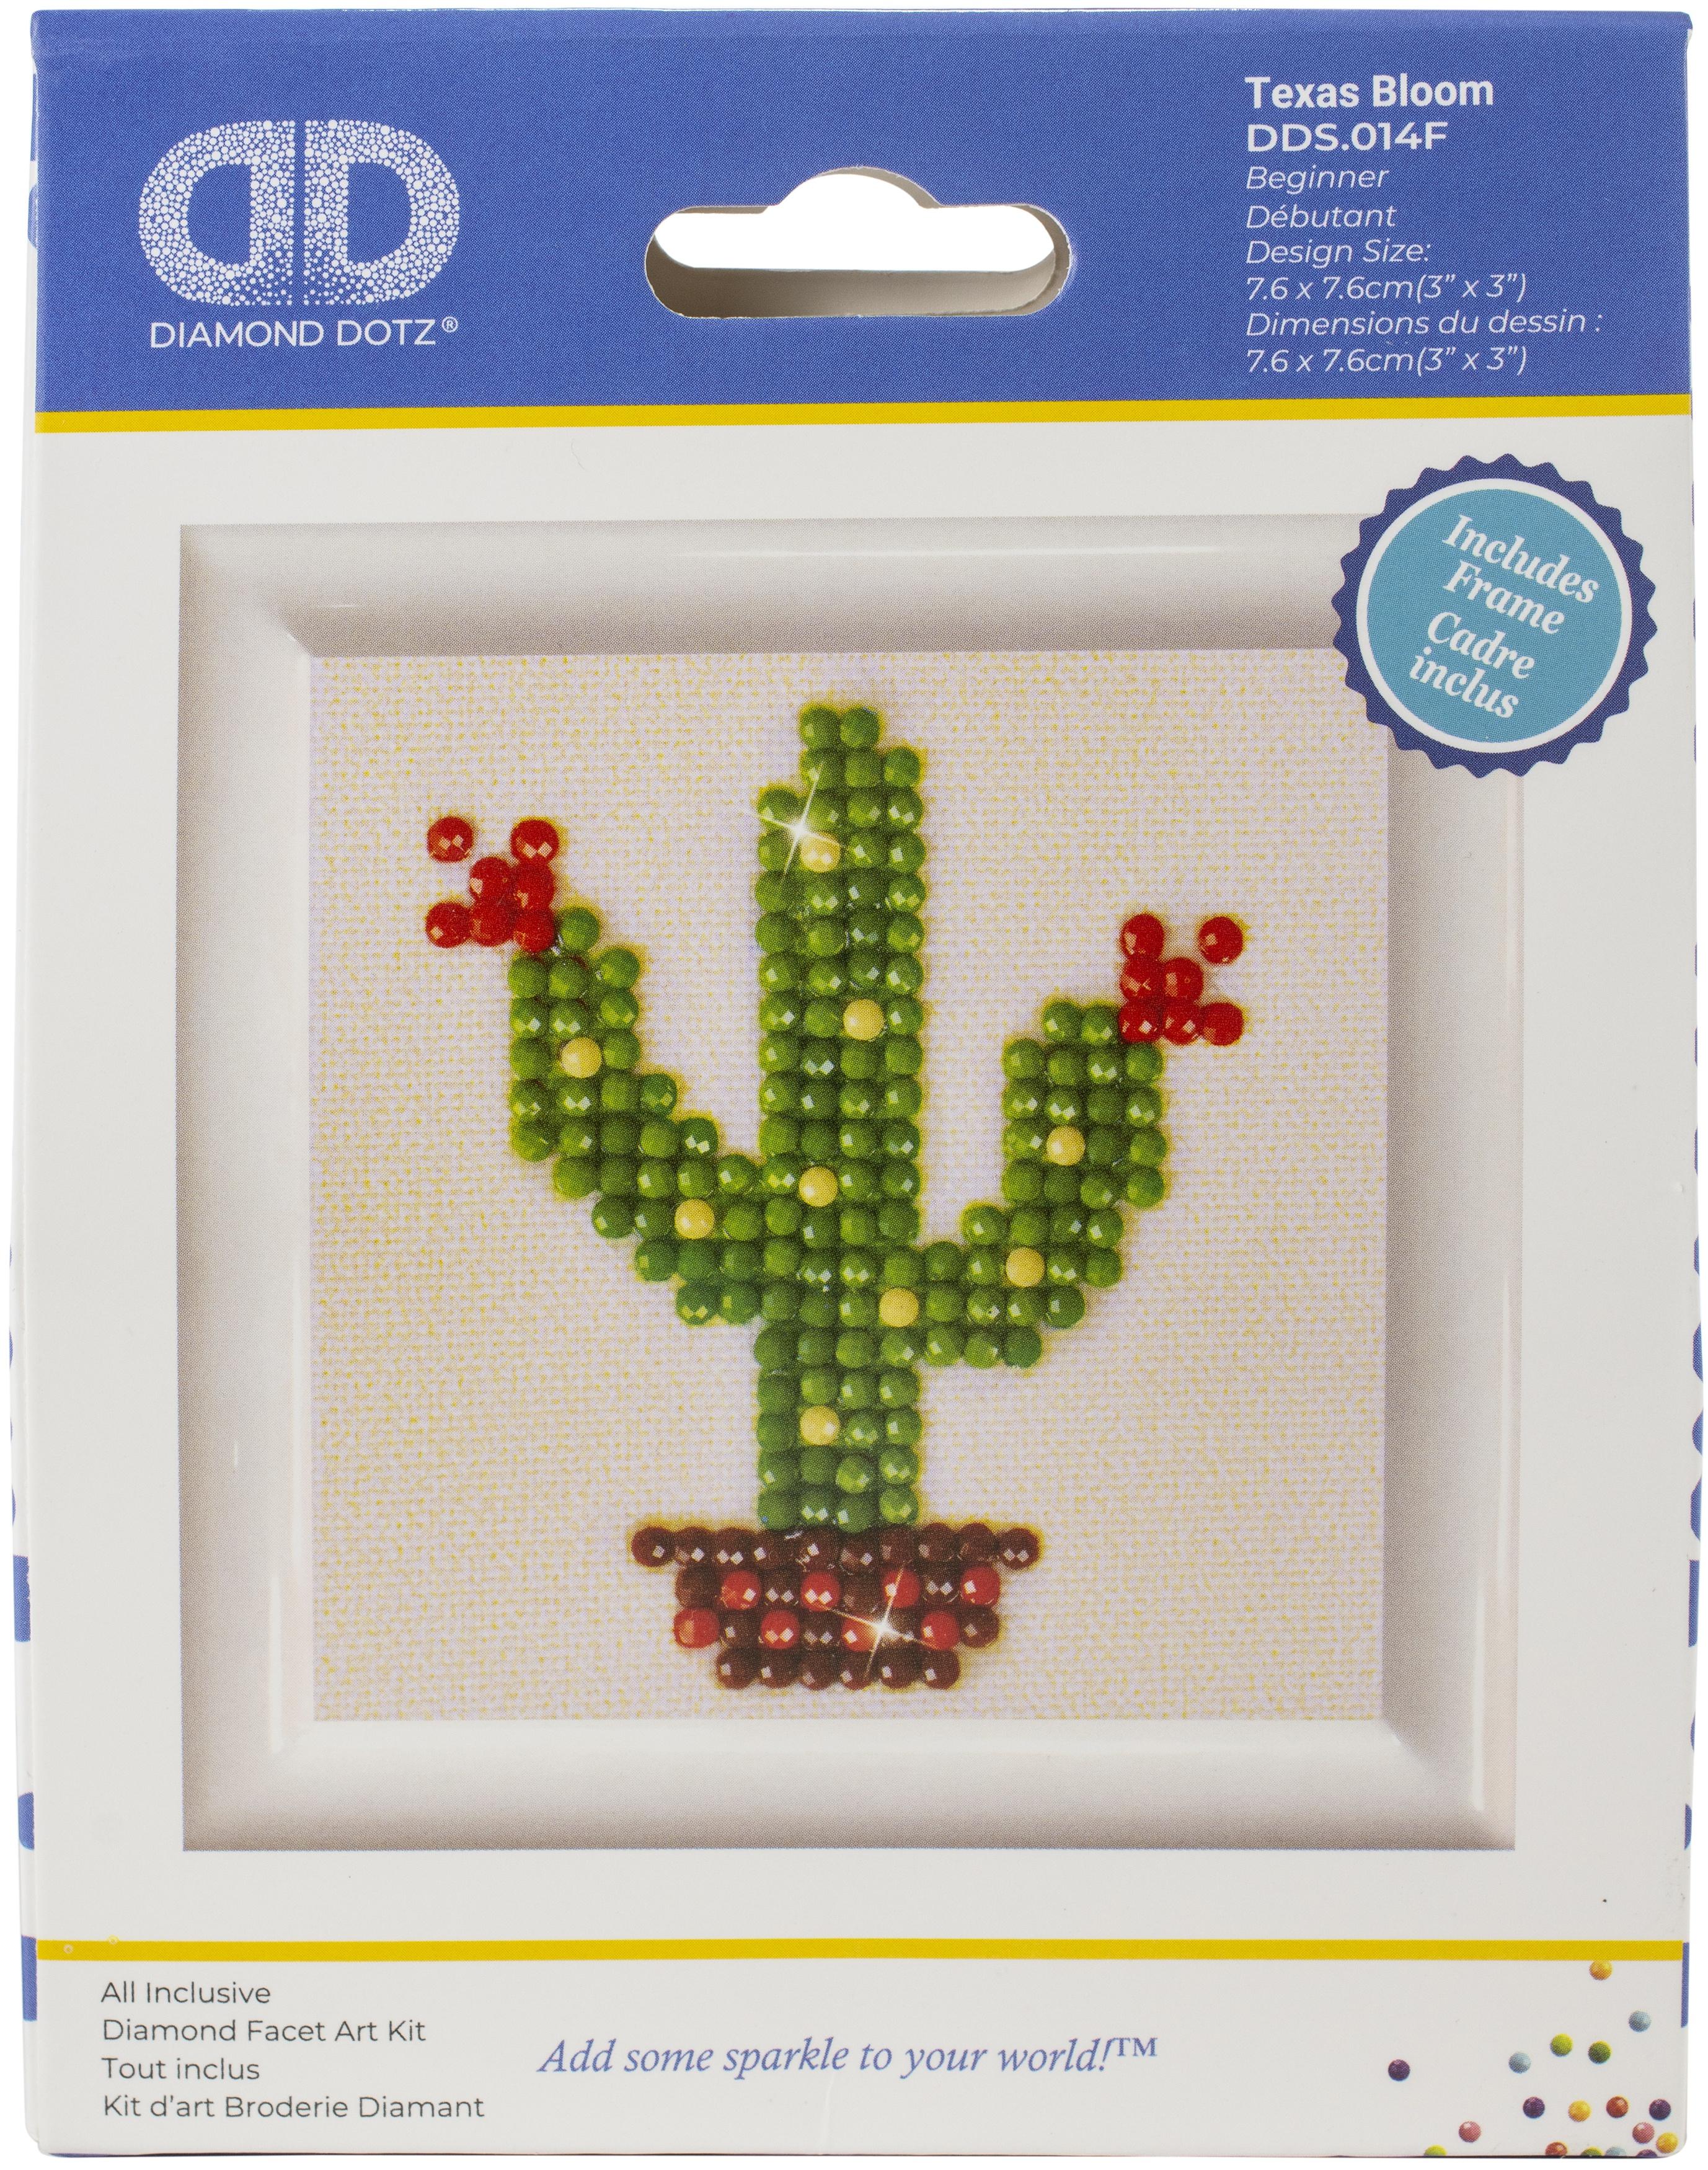 Diamond Dotz Diamond Embroidery Facet Art Kit W/ Frame-Texas Bloom W/ White Frame